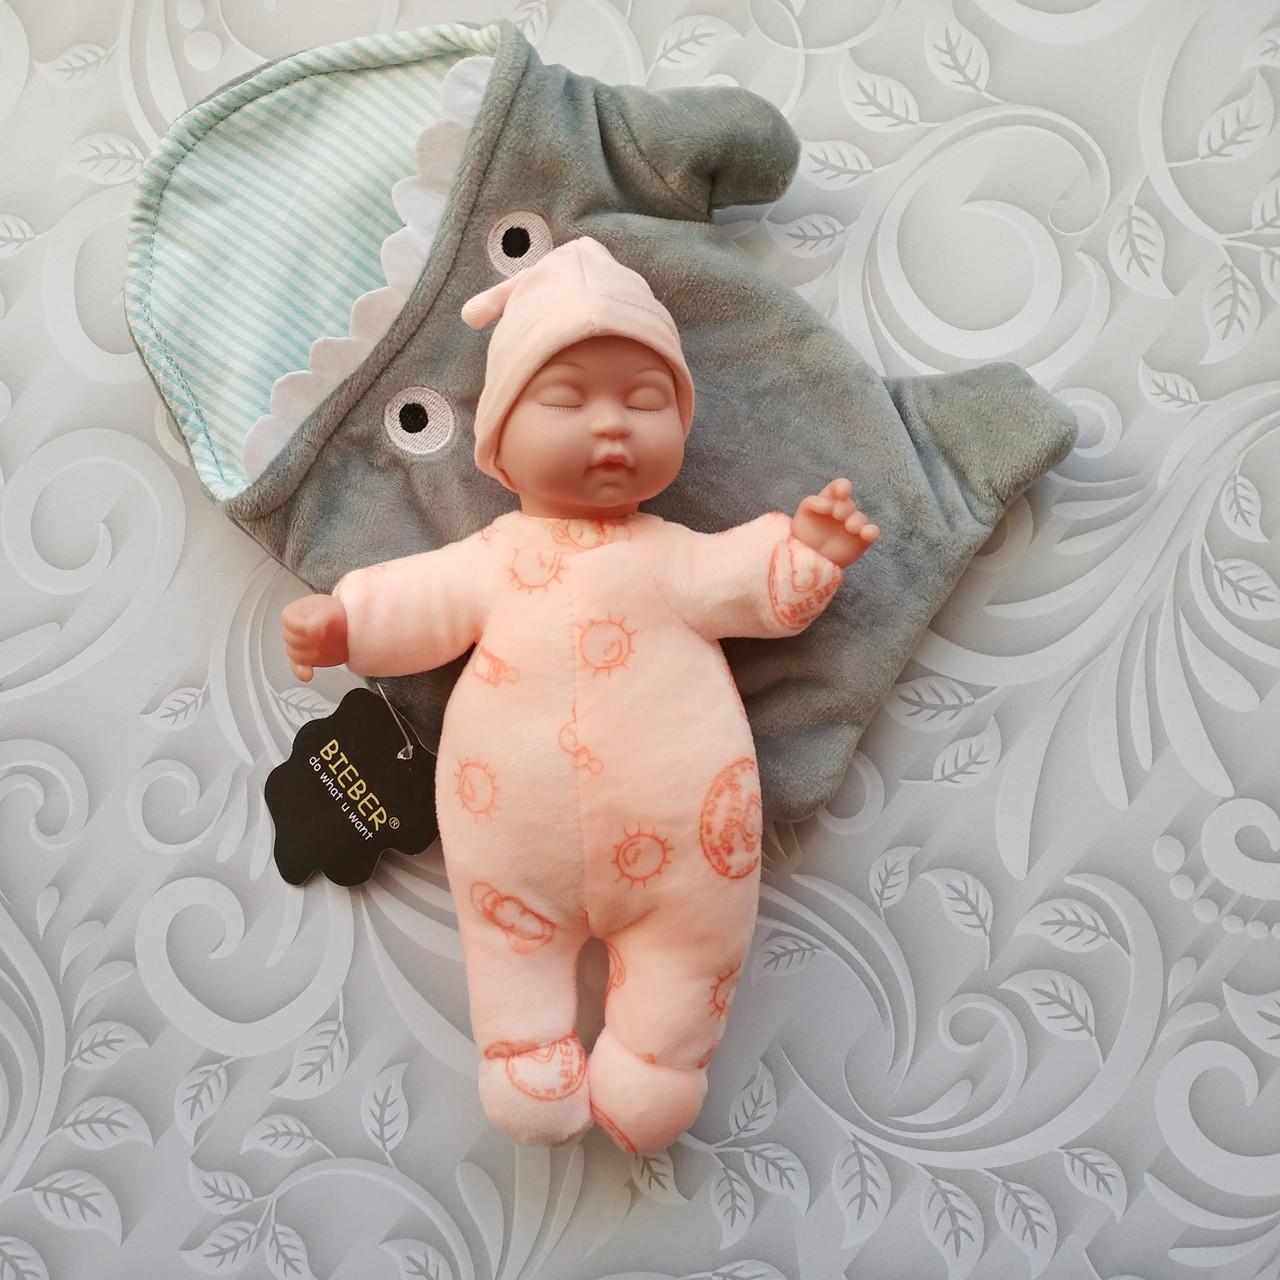 Кукла сплюшка с конвертом, bieber, расцветки